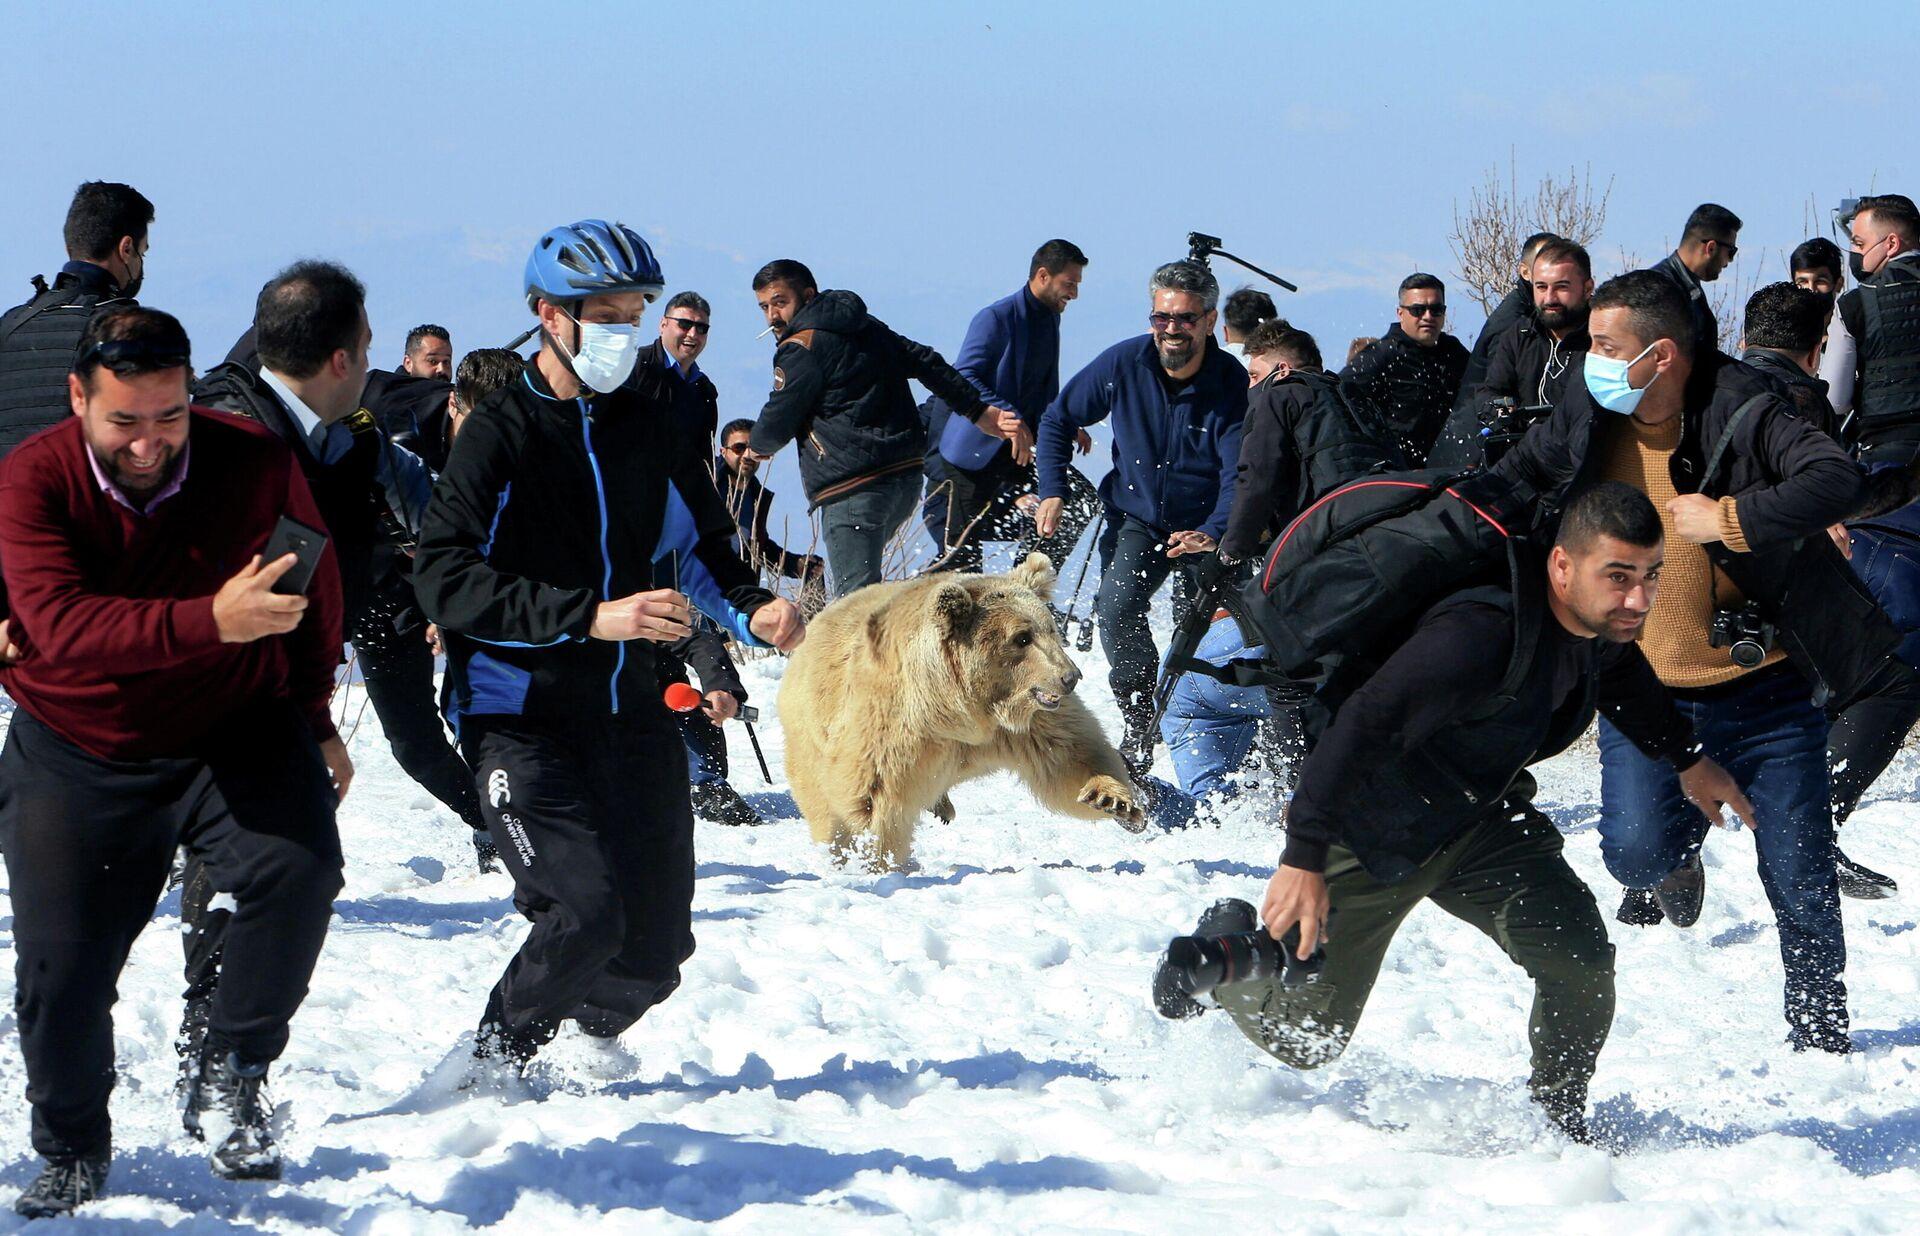 Un osos ataca a los espectadores - Sputnik Mundo, 1920, 13.02.2021